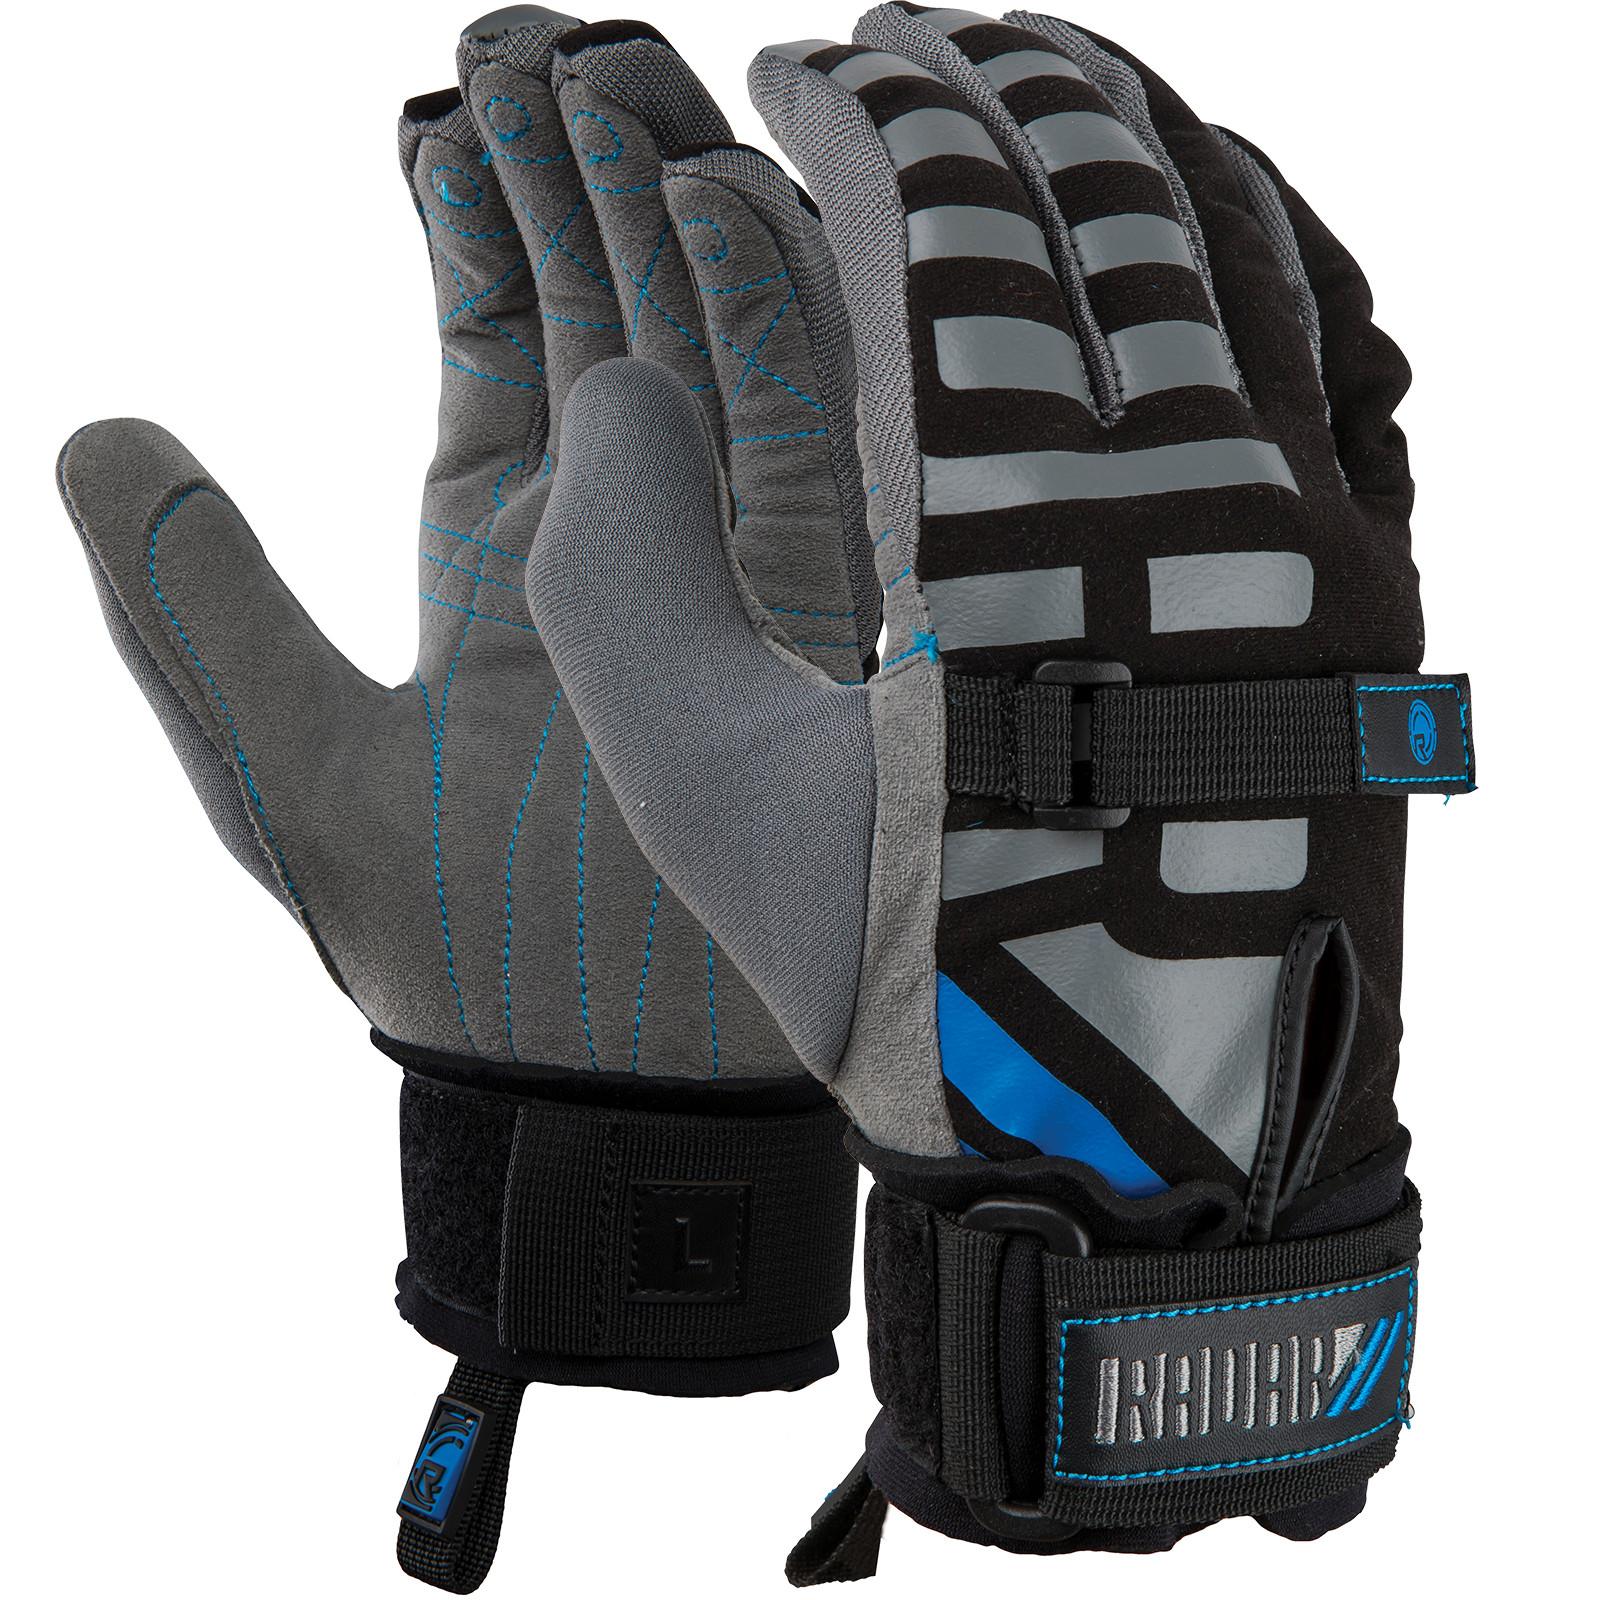 RADAR Voyage Black/Silver/Blue Gloves (215063-par)